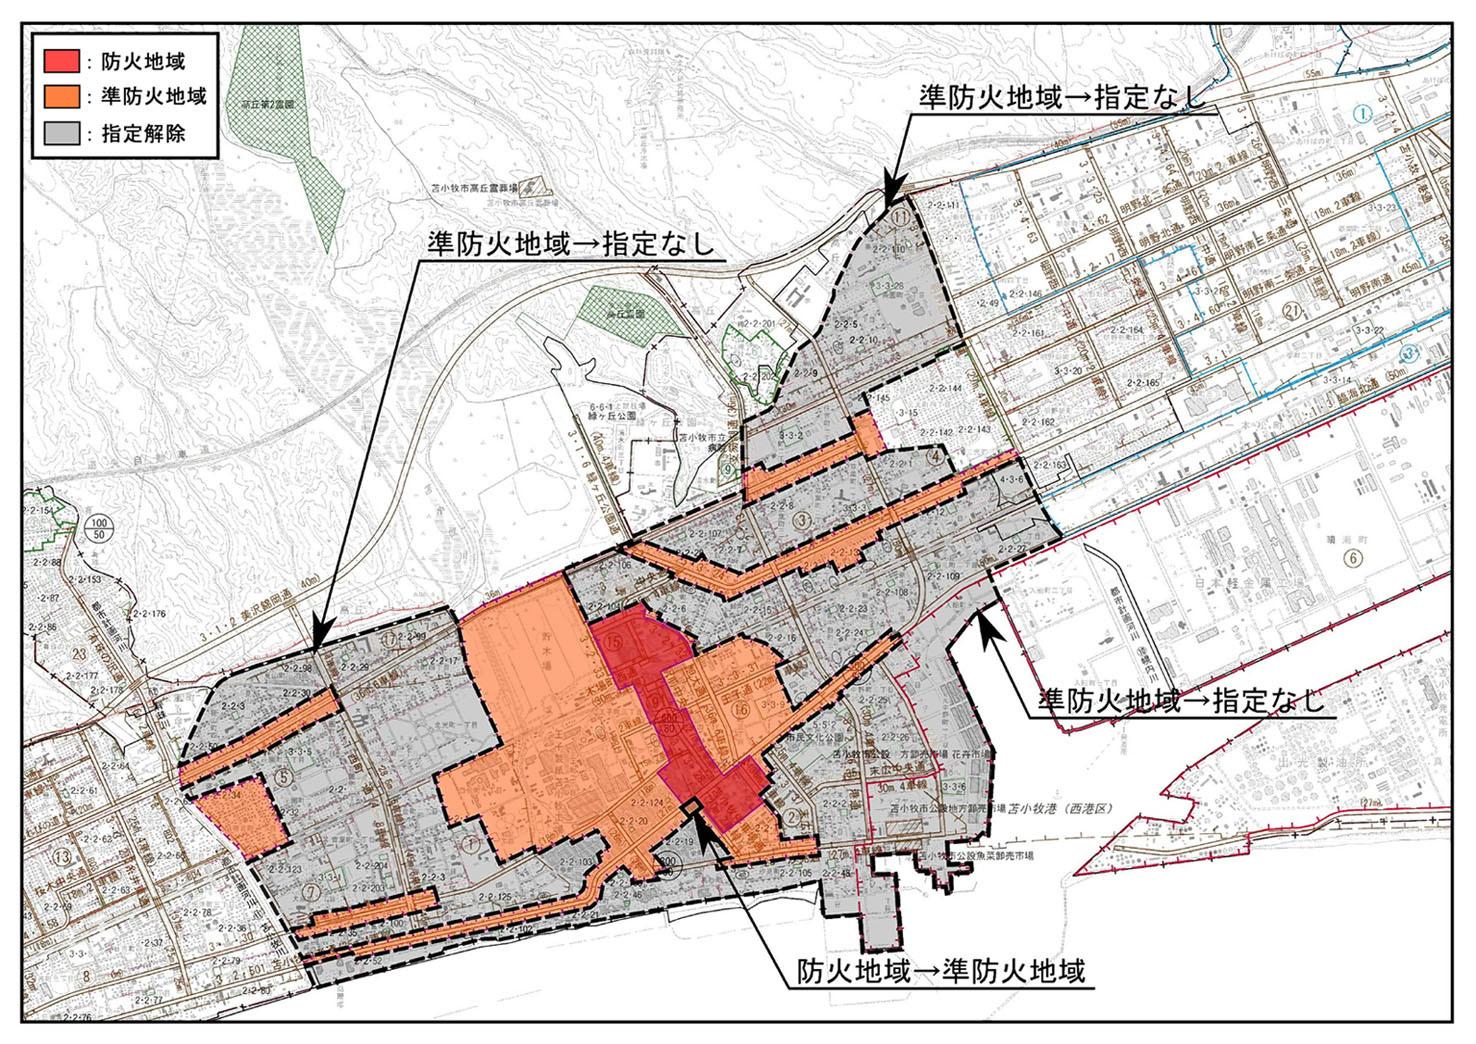 街並と準防火地域の見直し_e0127948_19391648.jpg